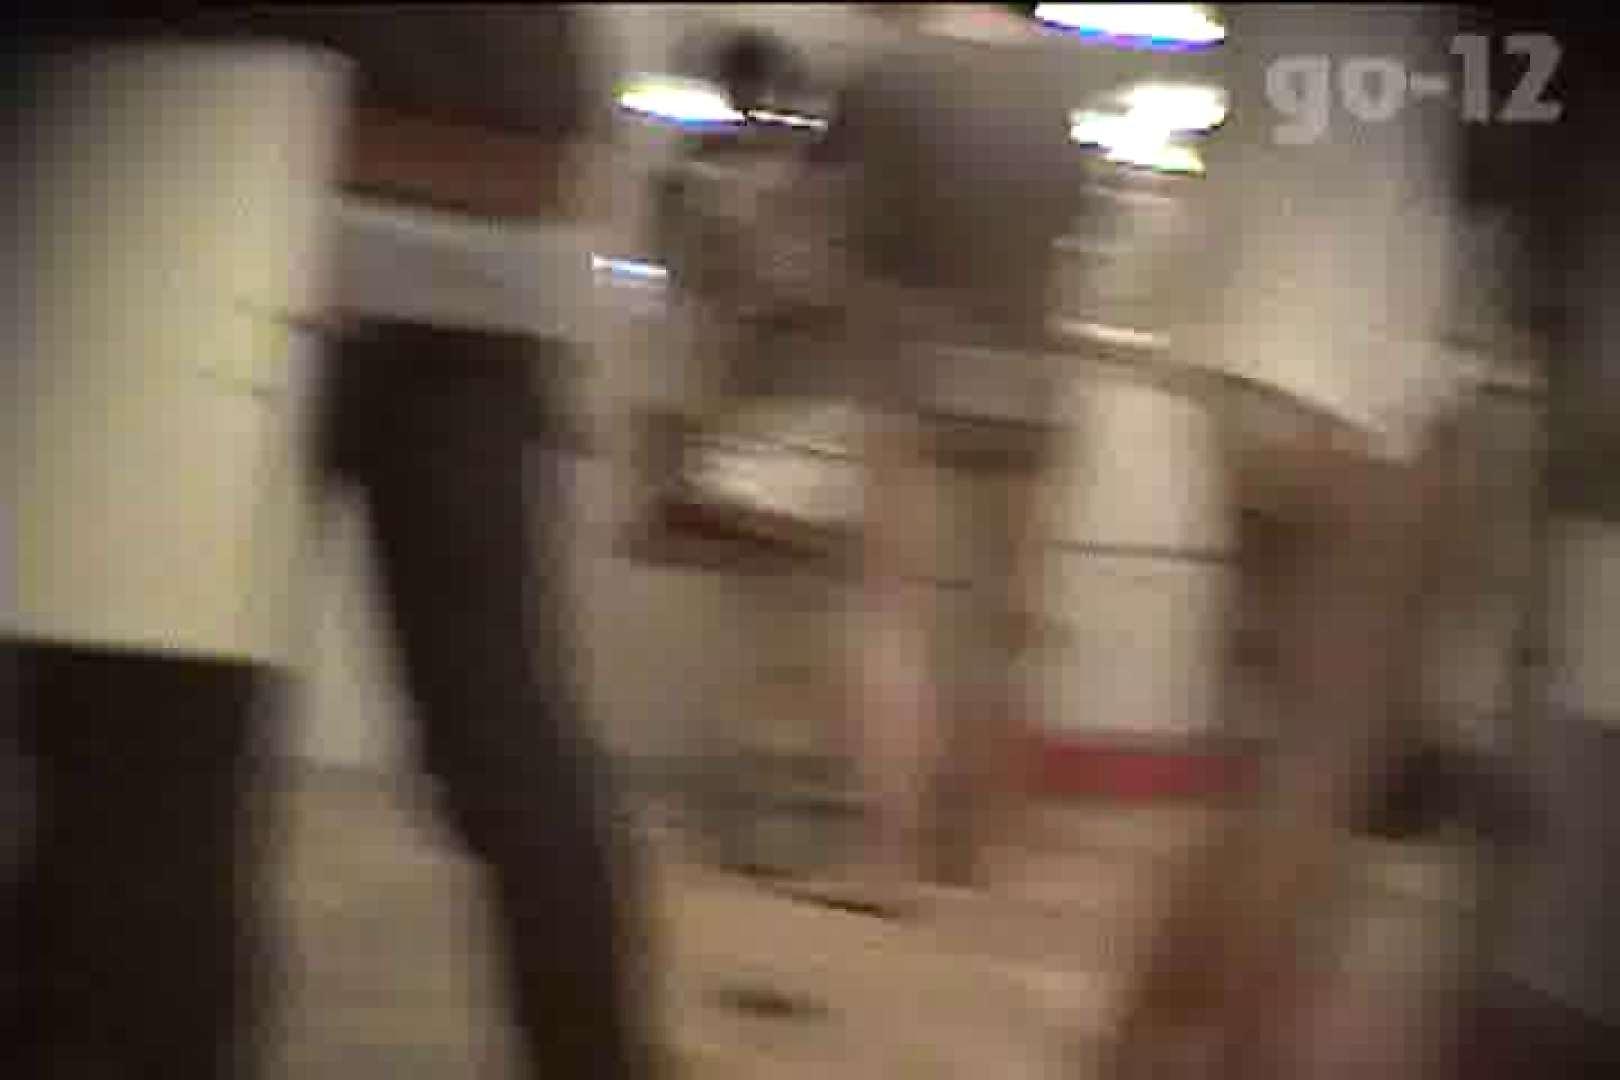 電波カメラ設置浴場からの防HAN映像 Vol.12 盗撮編 | アラ30  95枚 73